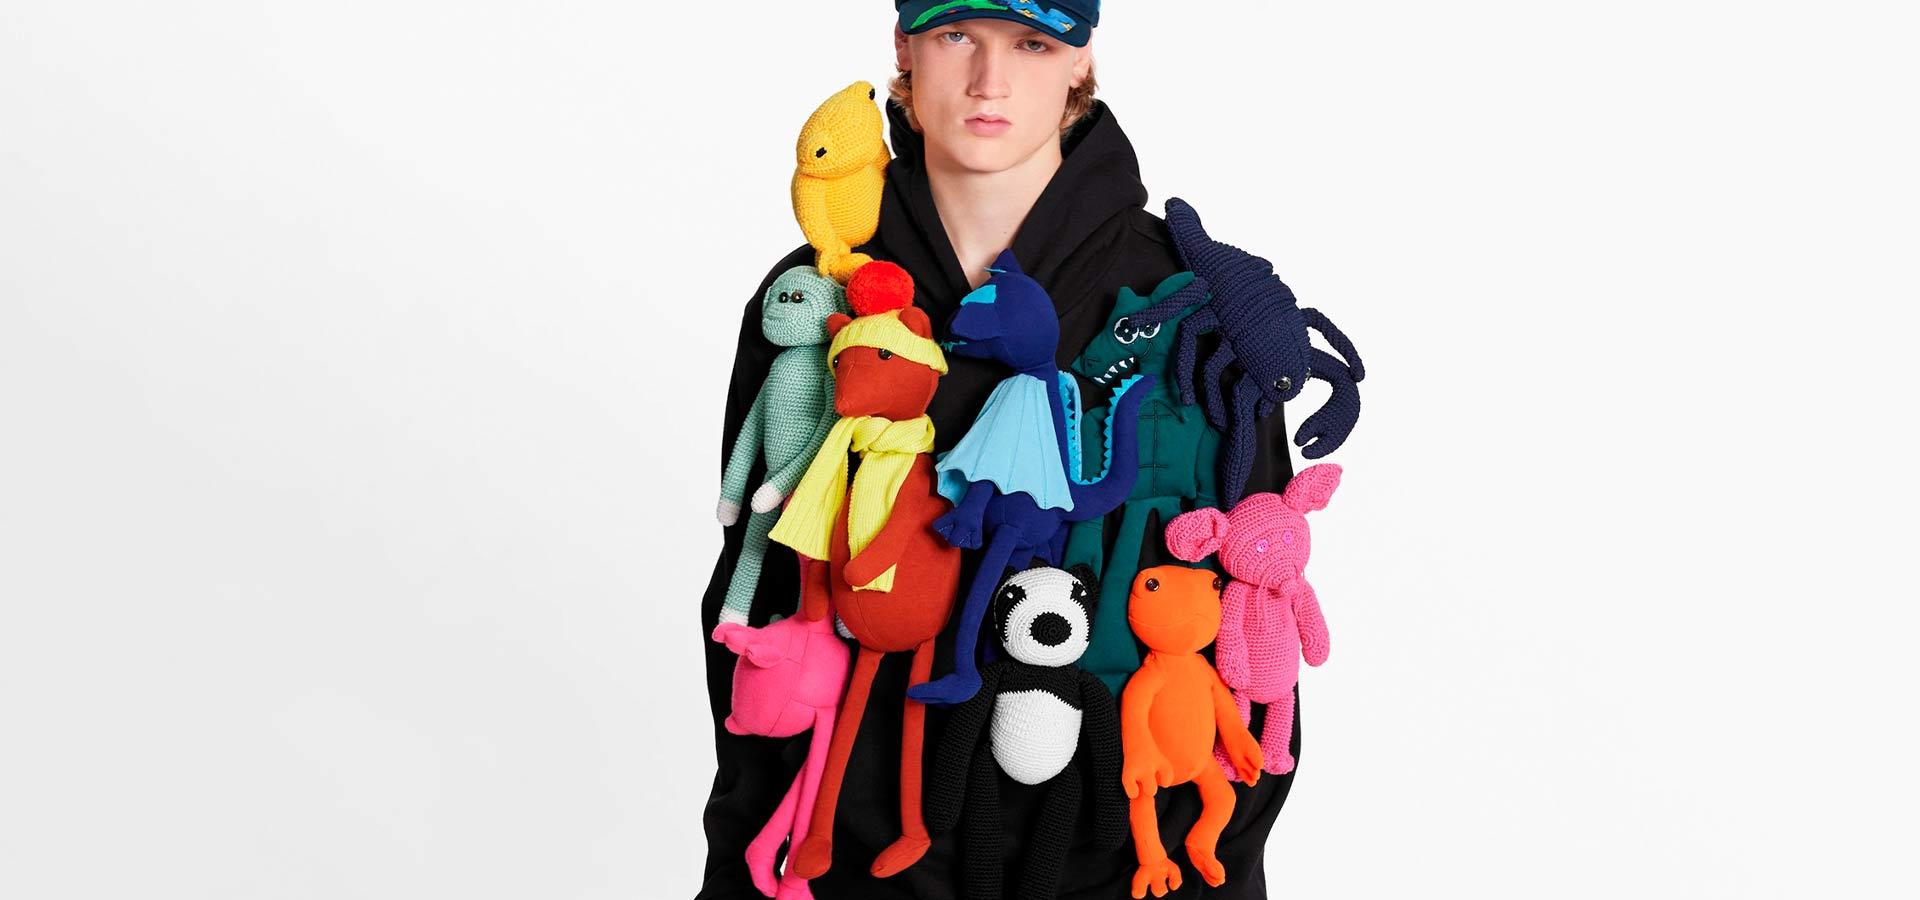 Louis Vuitton выпустили свитшот за 575 тысяч рублей с мягкими игрушками